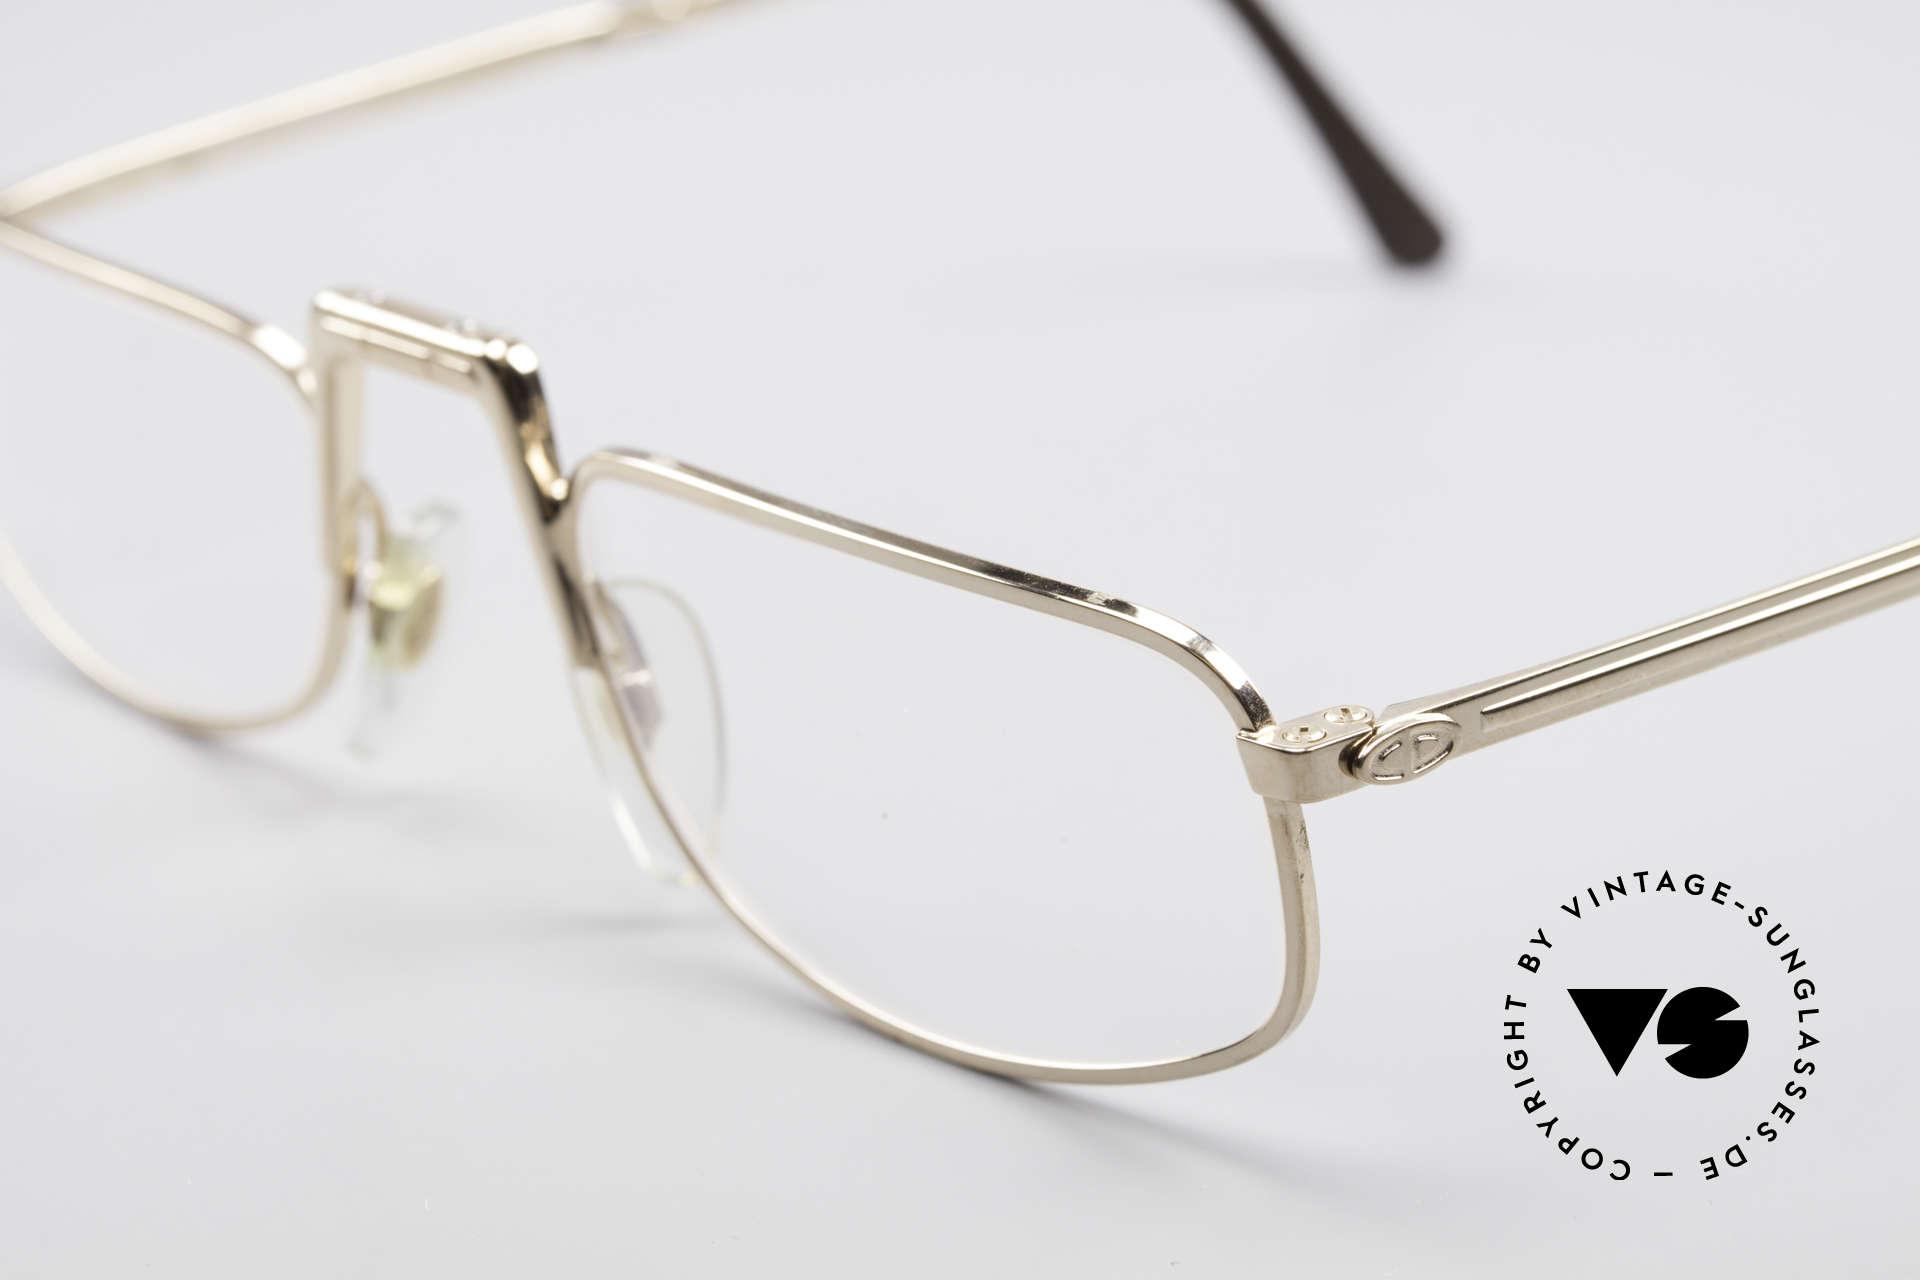 Glasses Christian Dior 2172 Folding Reading Eyeglasses